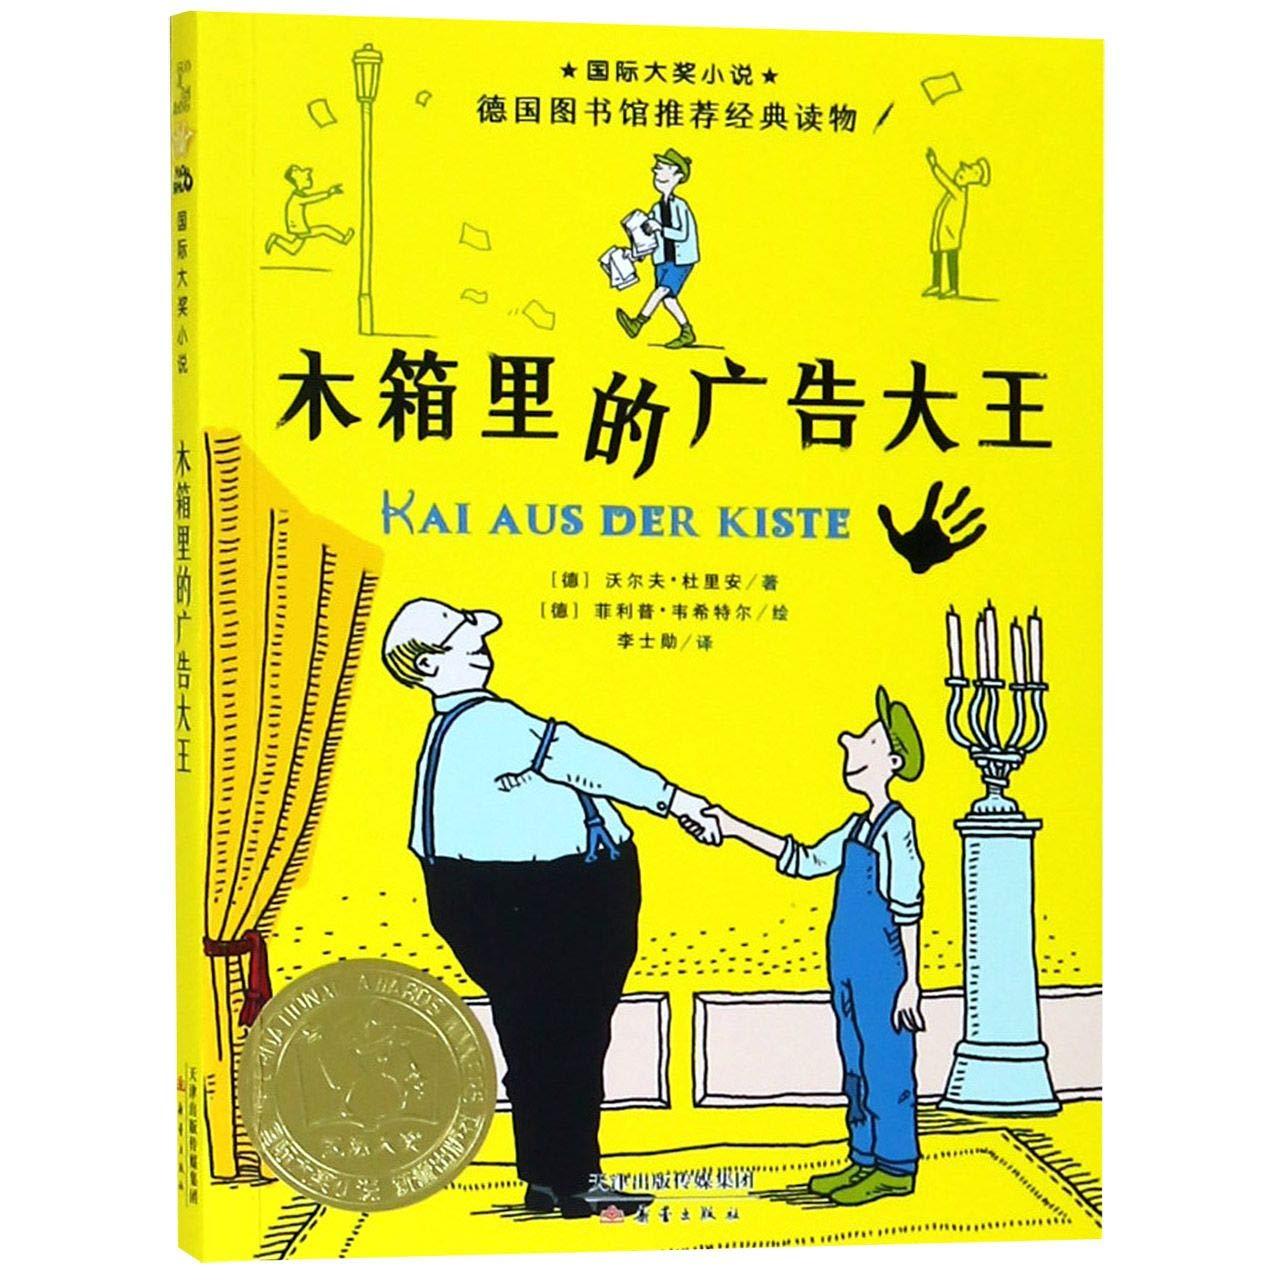 国际大奖小说:木箱里的广告大王